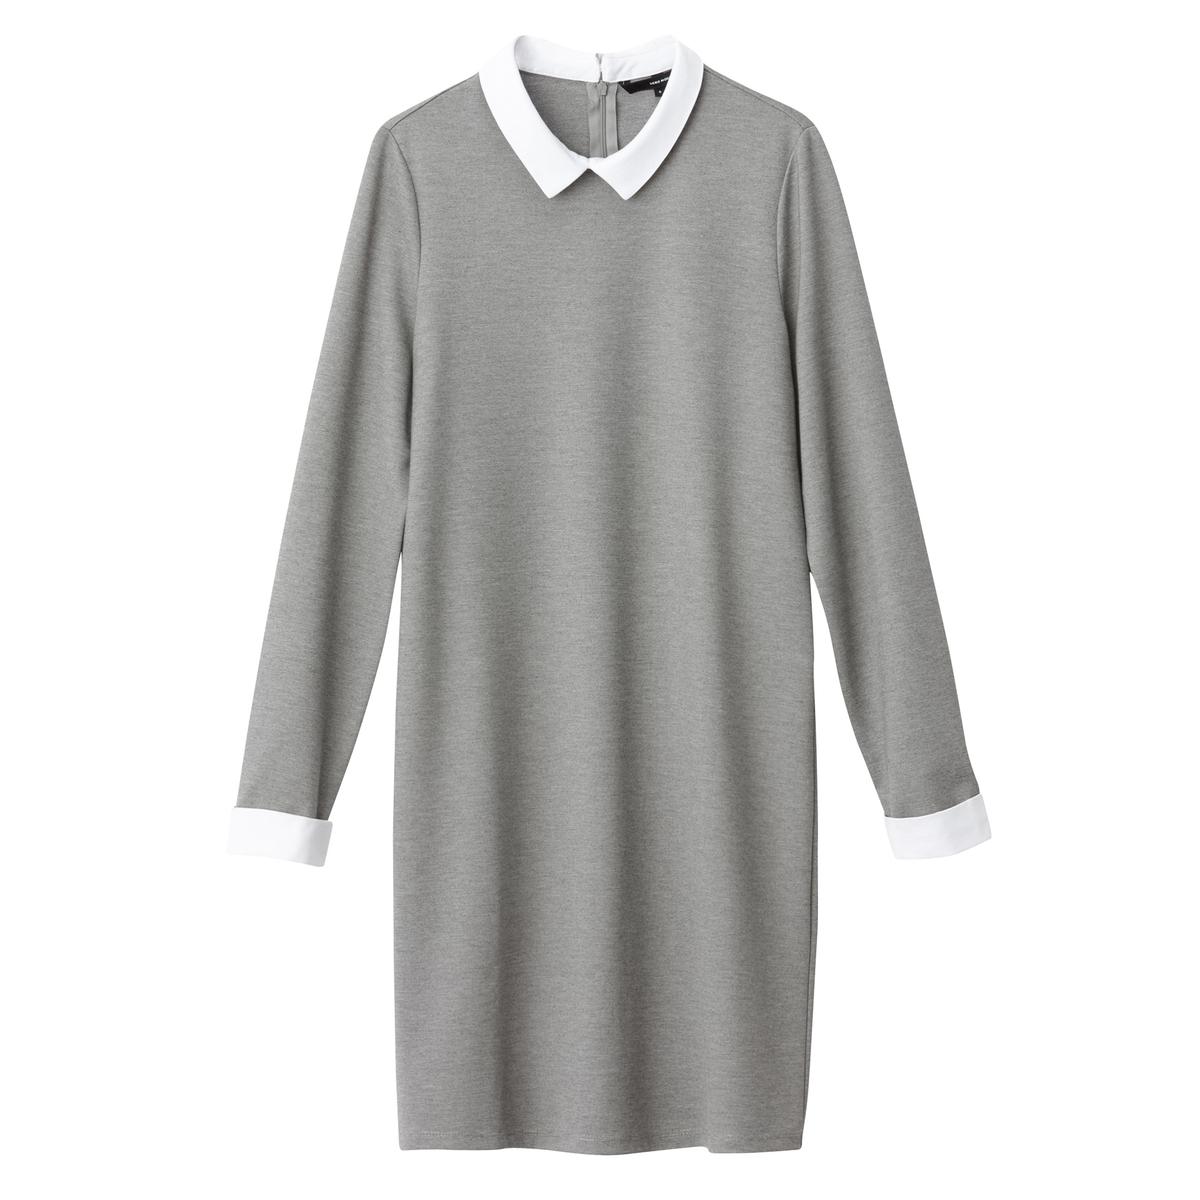 Платье прямое однотонное, средней длины, с длинными рукавамиДетали •  Форма : прямая •  Длина до колен •  Длинные рукава    •  Воротник-поло, рубашечный Состав и уход 30% вискозы, 5% эластана, 65% полиэстера •  Следуйте рекомендациям по уходу, указанным на этикетке изделия<br><br>Цвет: темно-синий<br>Размер: XS